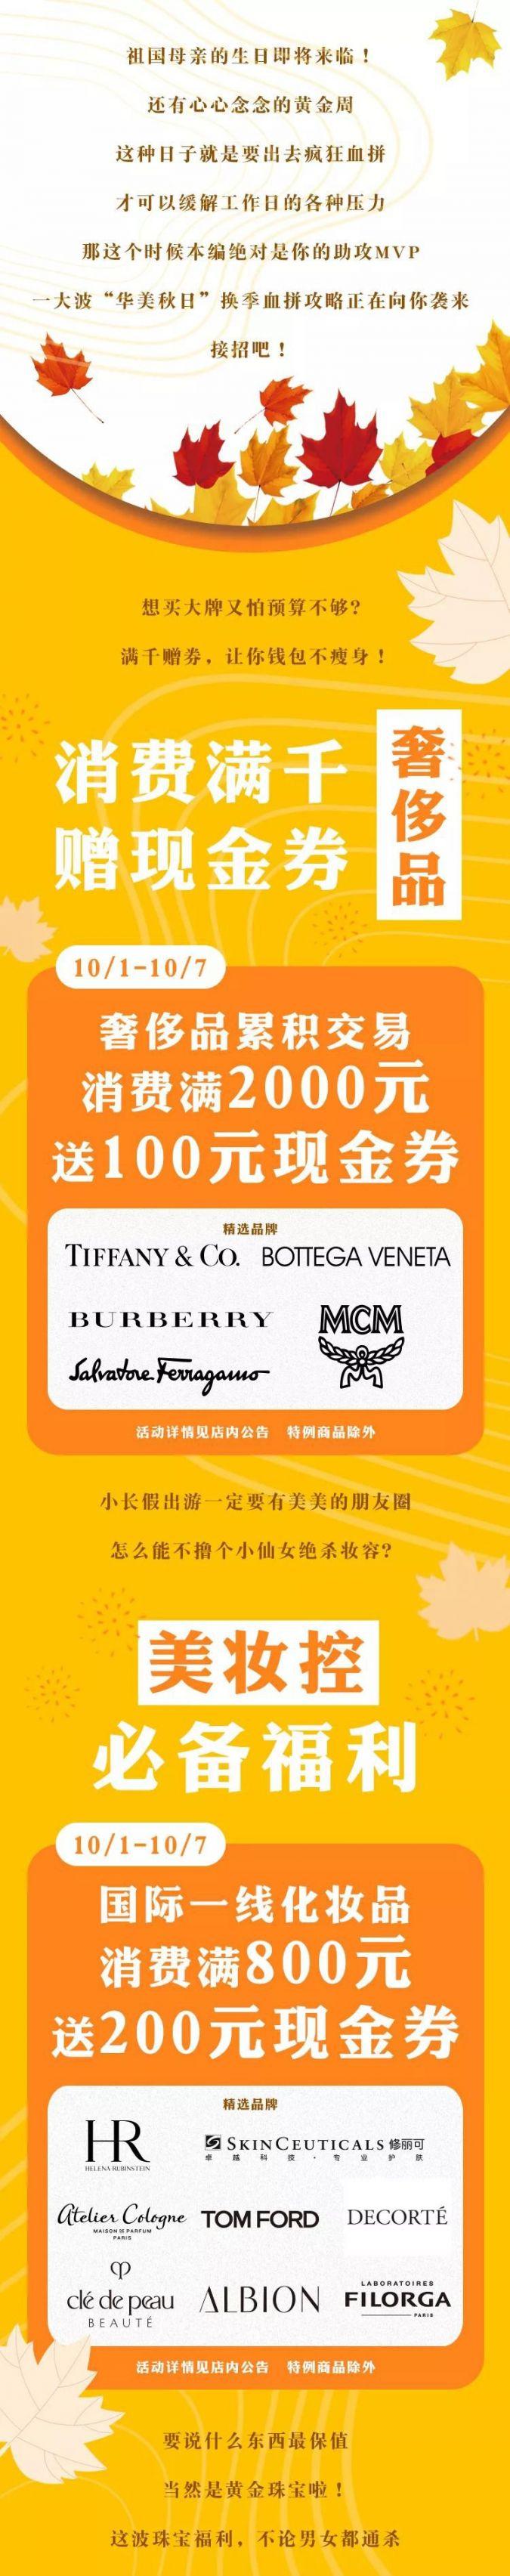 上海新世界大丸百货国庆折扣 一线化妆品满800赠200